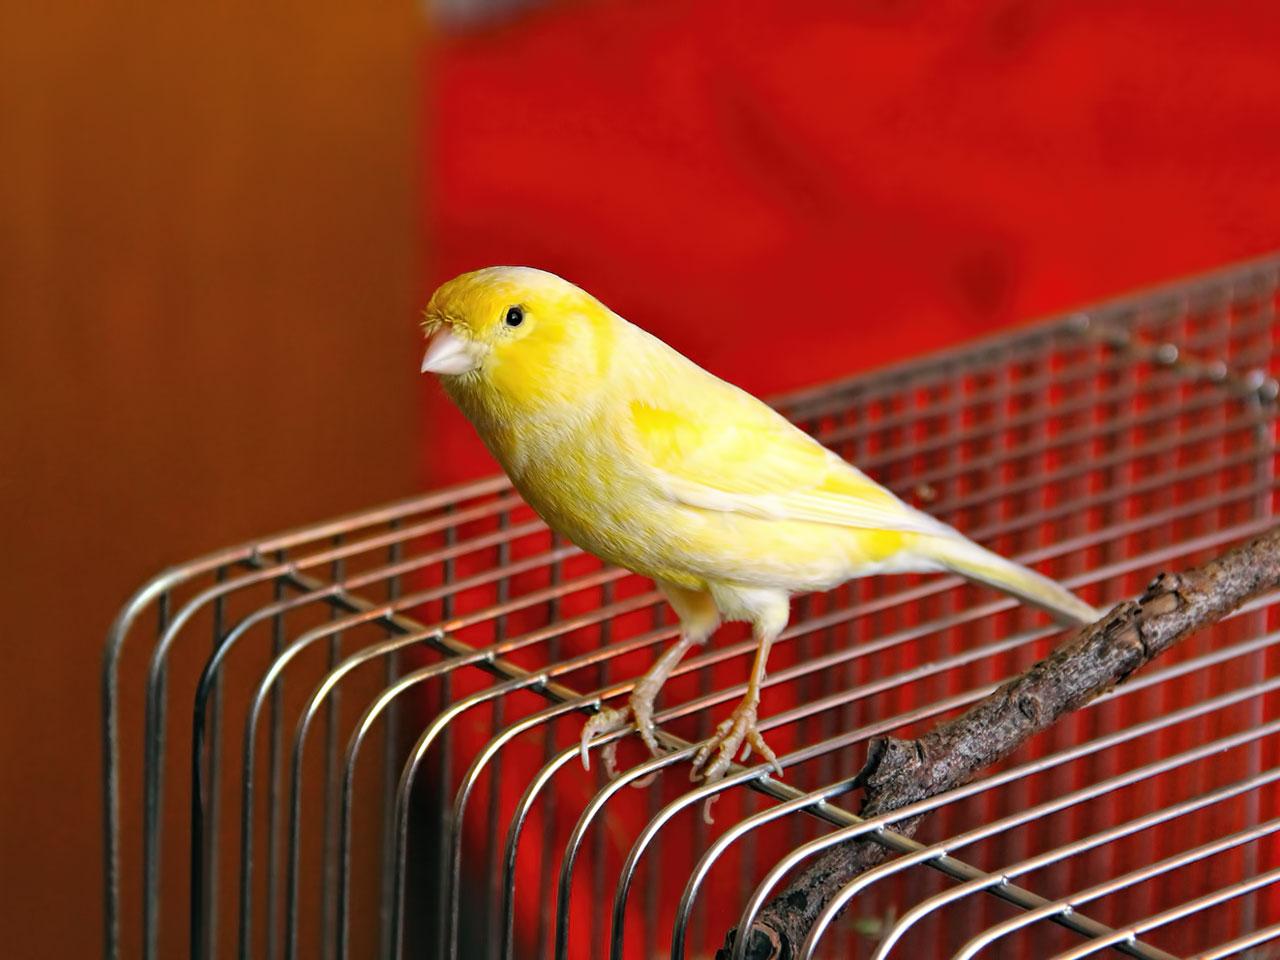 Kanarienvogel (Serinus canaria forma domestica)